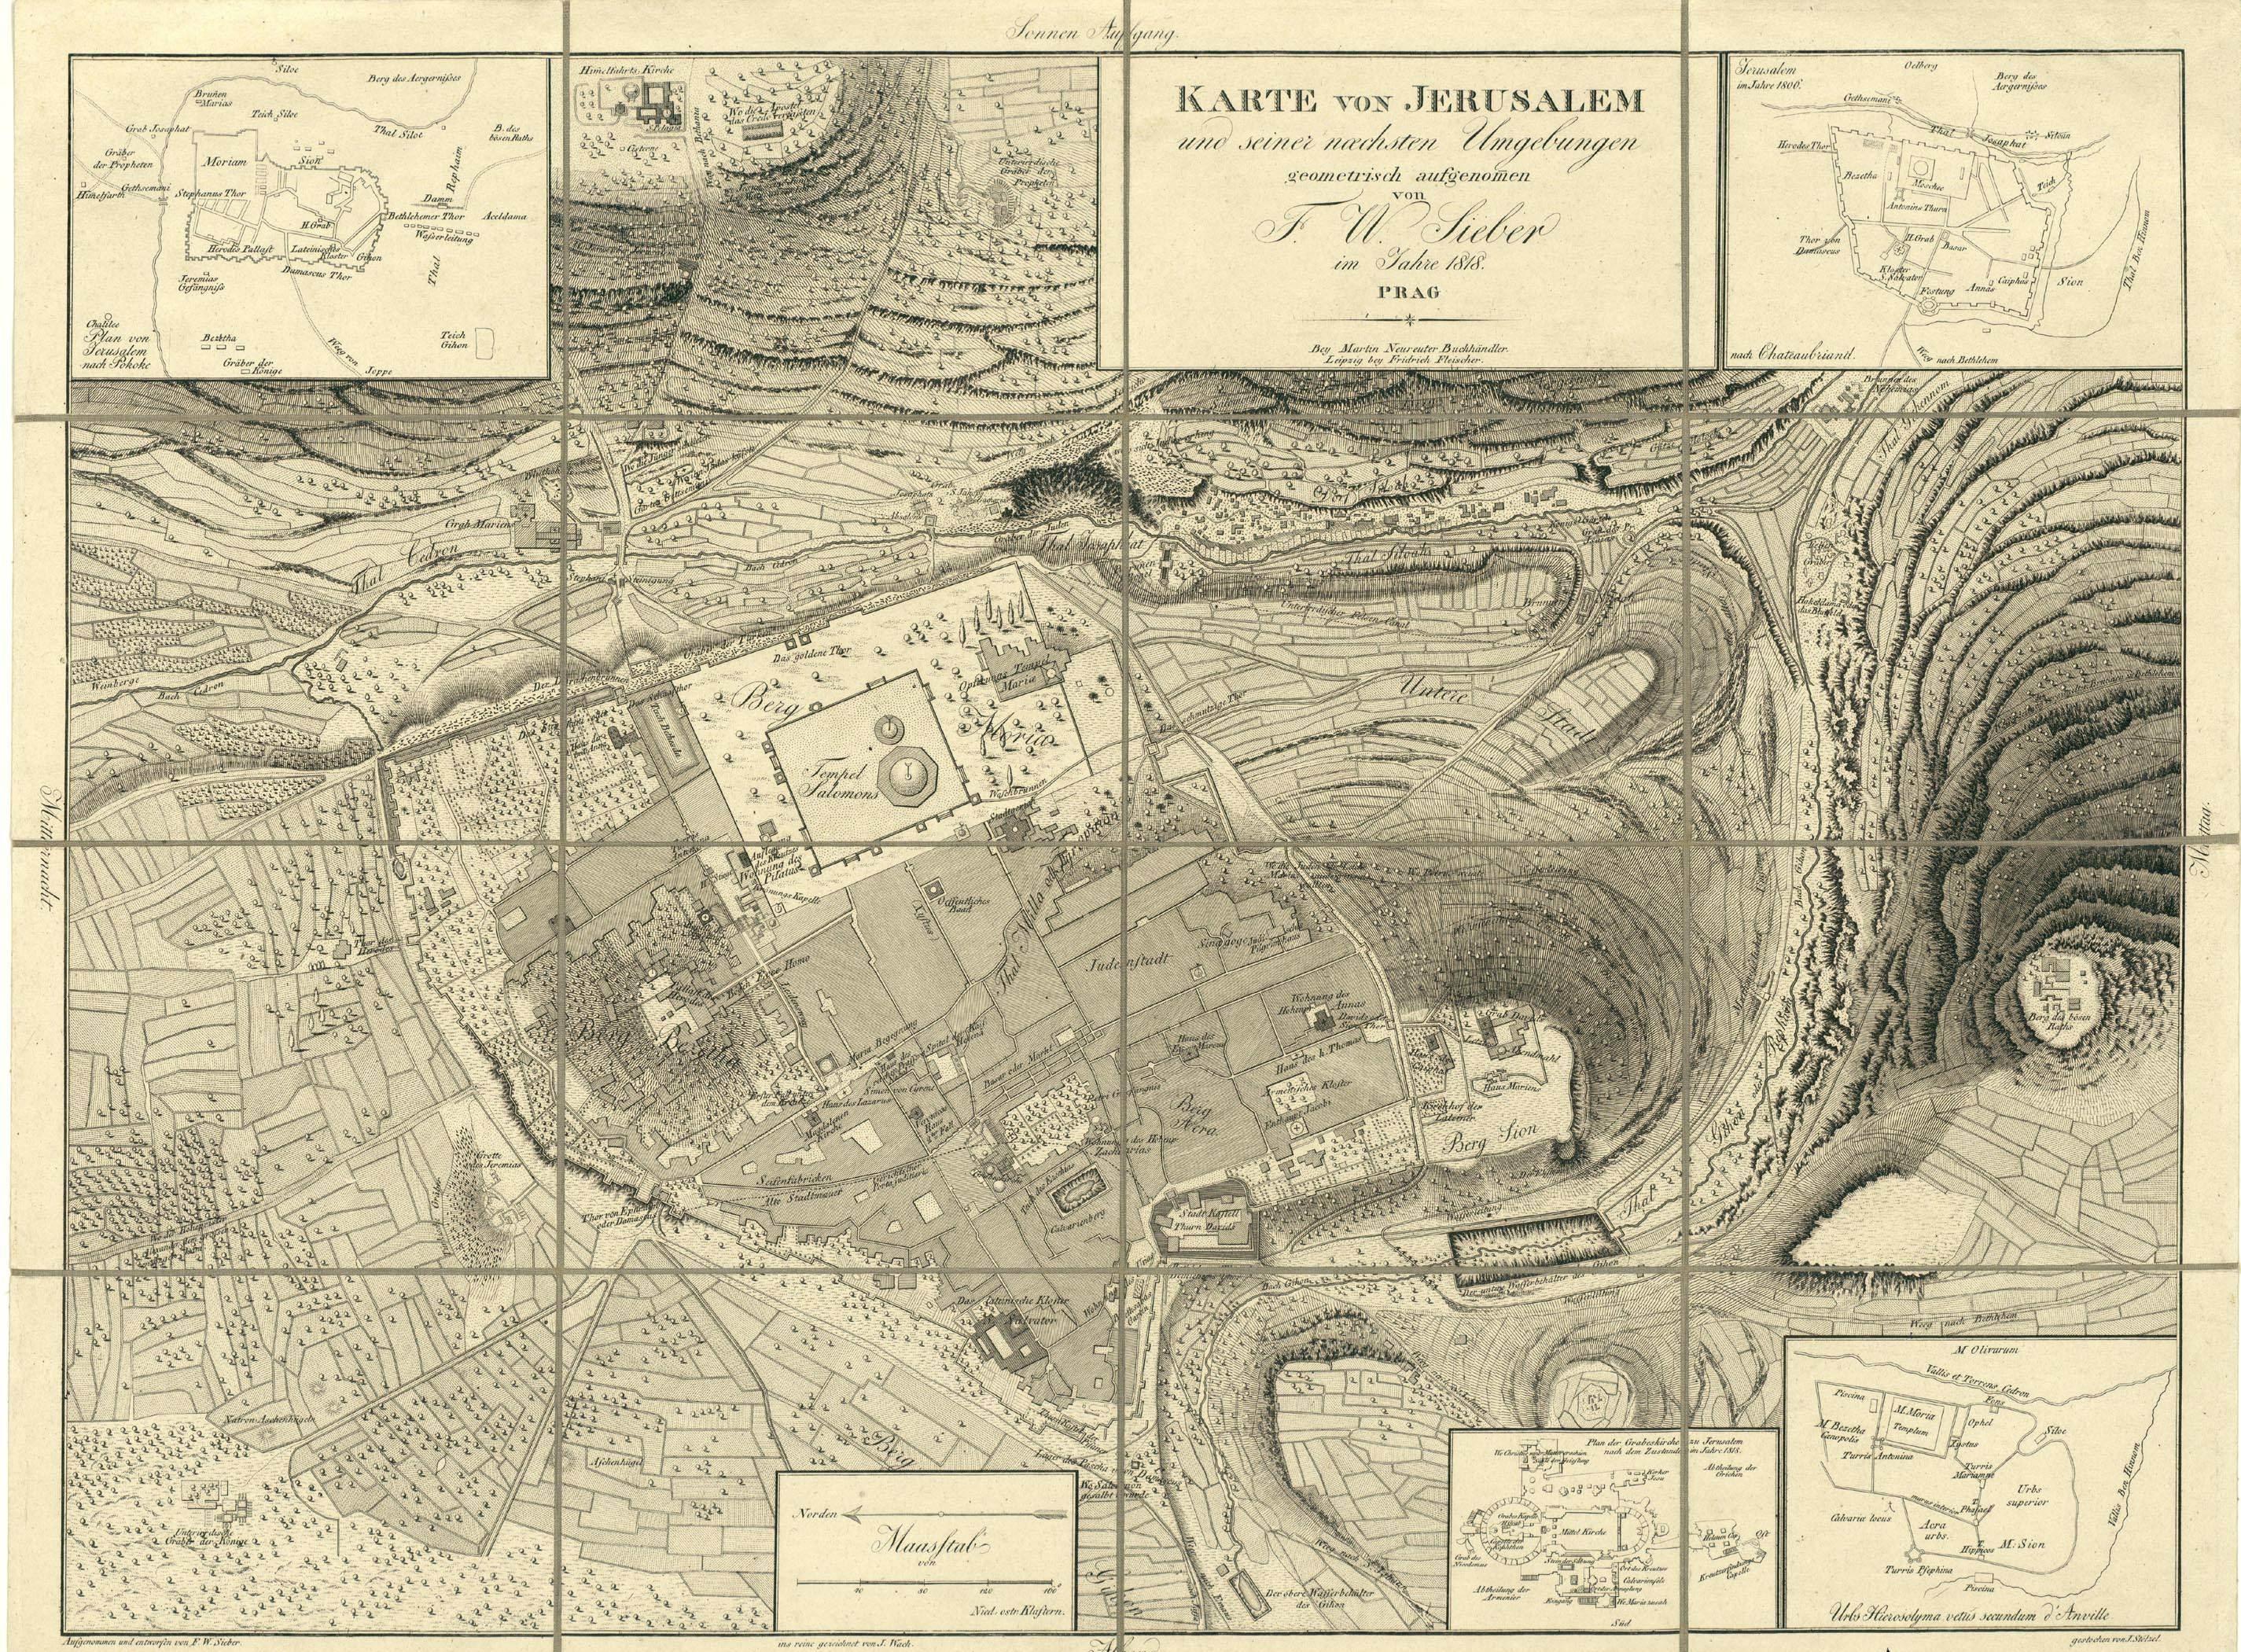 Israel Jerusalem Karte.File National Library Of Israel Sieber Map Karte Von